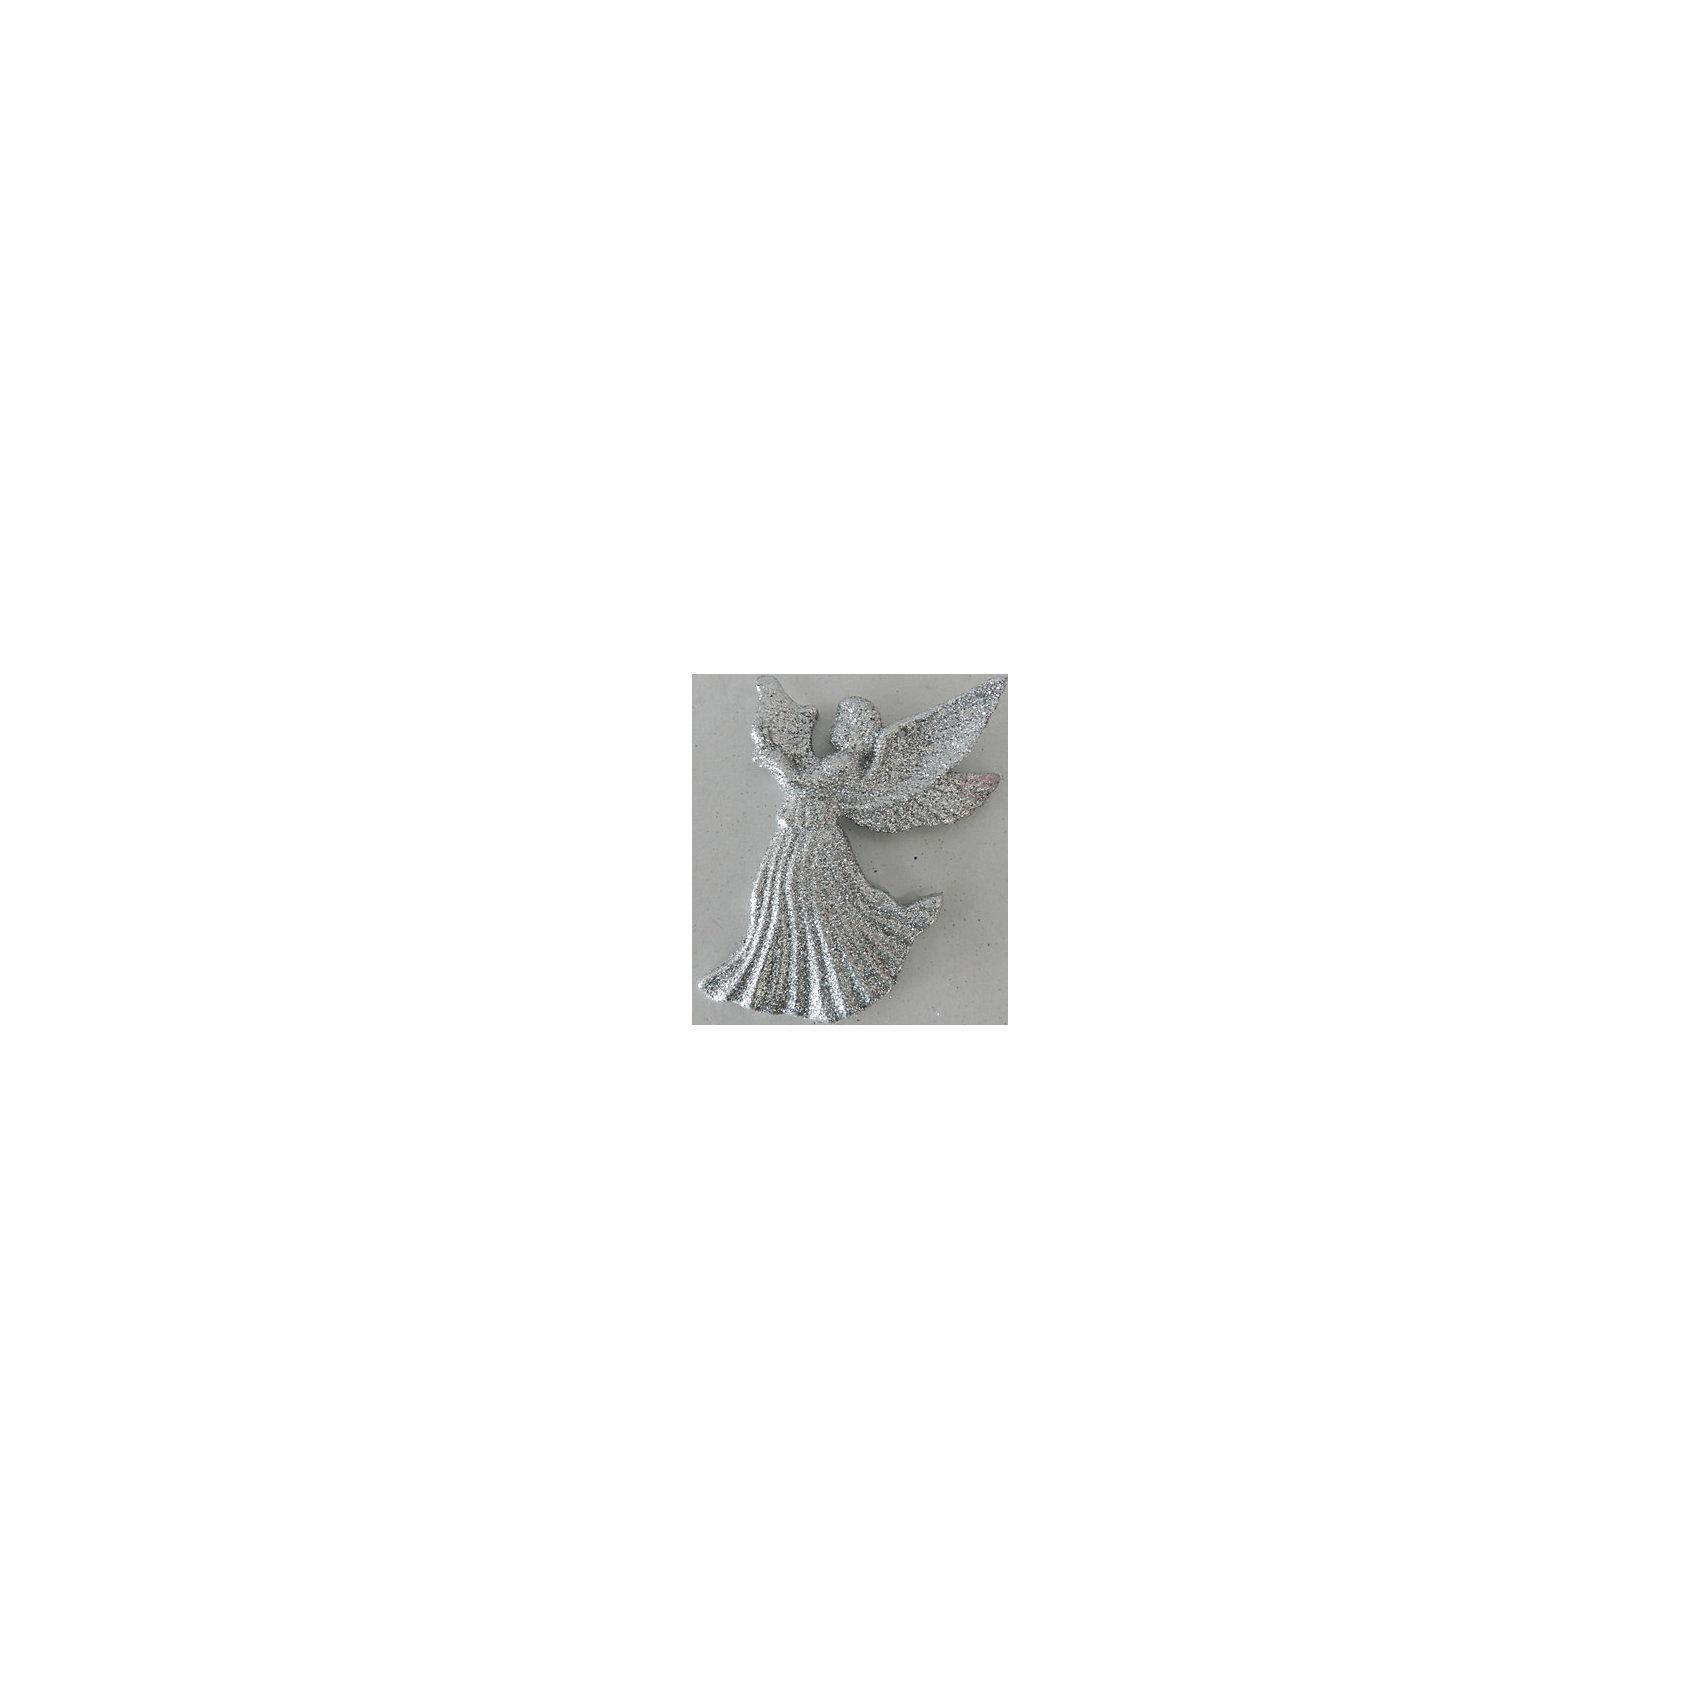 Украшение Серебряный ангелочек 11*8 смВсё для праздника<br>Украшение Серебряный ангелочек 11*8 см - впустите атмосферу зимы и праздников в ваш дом! С этим декоративным украшением так весело наряжать дом и радовать близких. Украшение прекрасно подойдет не только на елочку, но и к другим поверхностям, например стенам или шторам. У снежинки имеется отверстие для тонкого шнурка, с помощью которого ее можно прикреплять. При желании можно использовать тонкую ленту. Интересный материал, из которого изготовлен ангелочек добавляет объемности и реалистичности, а блестки помогают ему просто сиять. Ангелочек не разобьется в случае падения. <br><br>Дополнительная информация:<br>- Размер: 11 * 8 см.<br>- Материал: полипропилен<br>- Объемный <br>Украшение Серебряный ангелочек 11*8 см можно купить в нашем интернет-магазине.<br>Подробнее:<br>• Для детей в возрасте: от 3 лет<br>• Номер товара: 4981457<br>Страна производитель: Китай<br><br>Ширина мм: 100<br>Глубина мм: 100<br>Высота мм: 60<br>Вес г: 51<br>Возраст от месяцев: 36<br>Возраст до месяцев: 2147483647<br>Пол: Унисекс<br>Возраст: Детский<br>SKU: 4981457